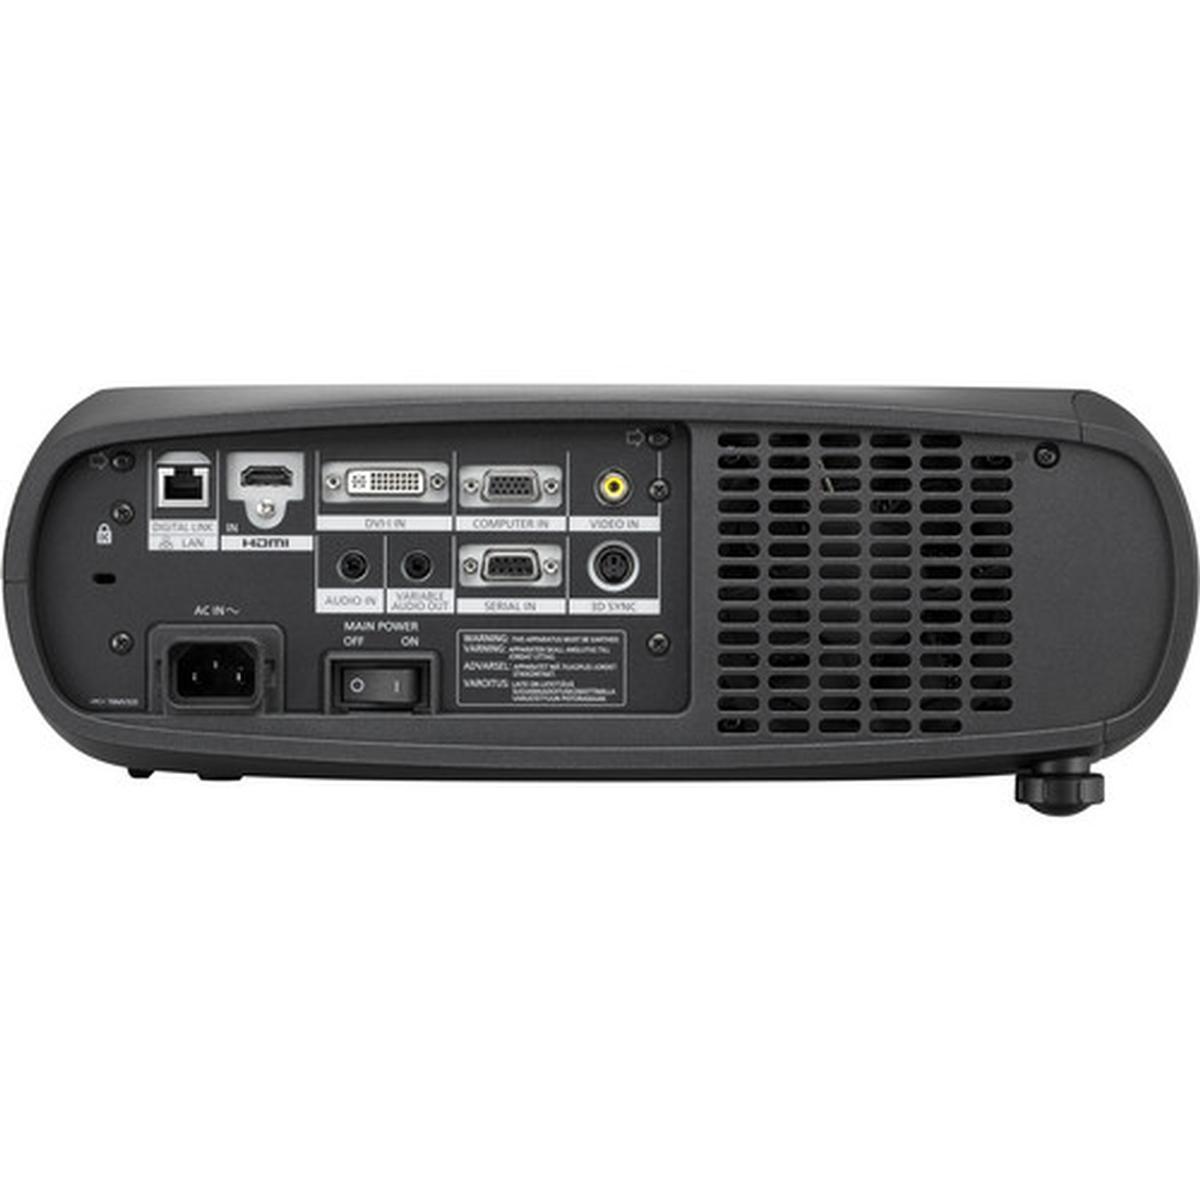 Panasonic Pt Rw430uk Wxga 3500 Lumen Solid State Dlp Led